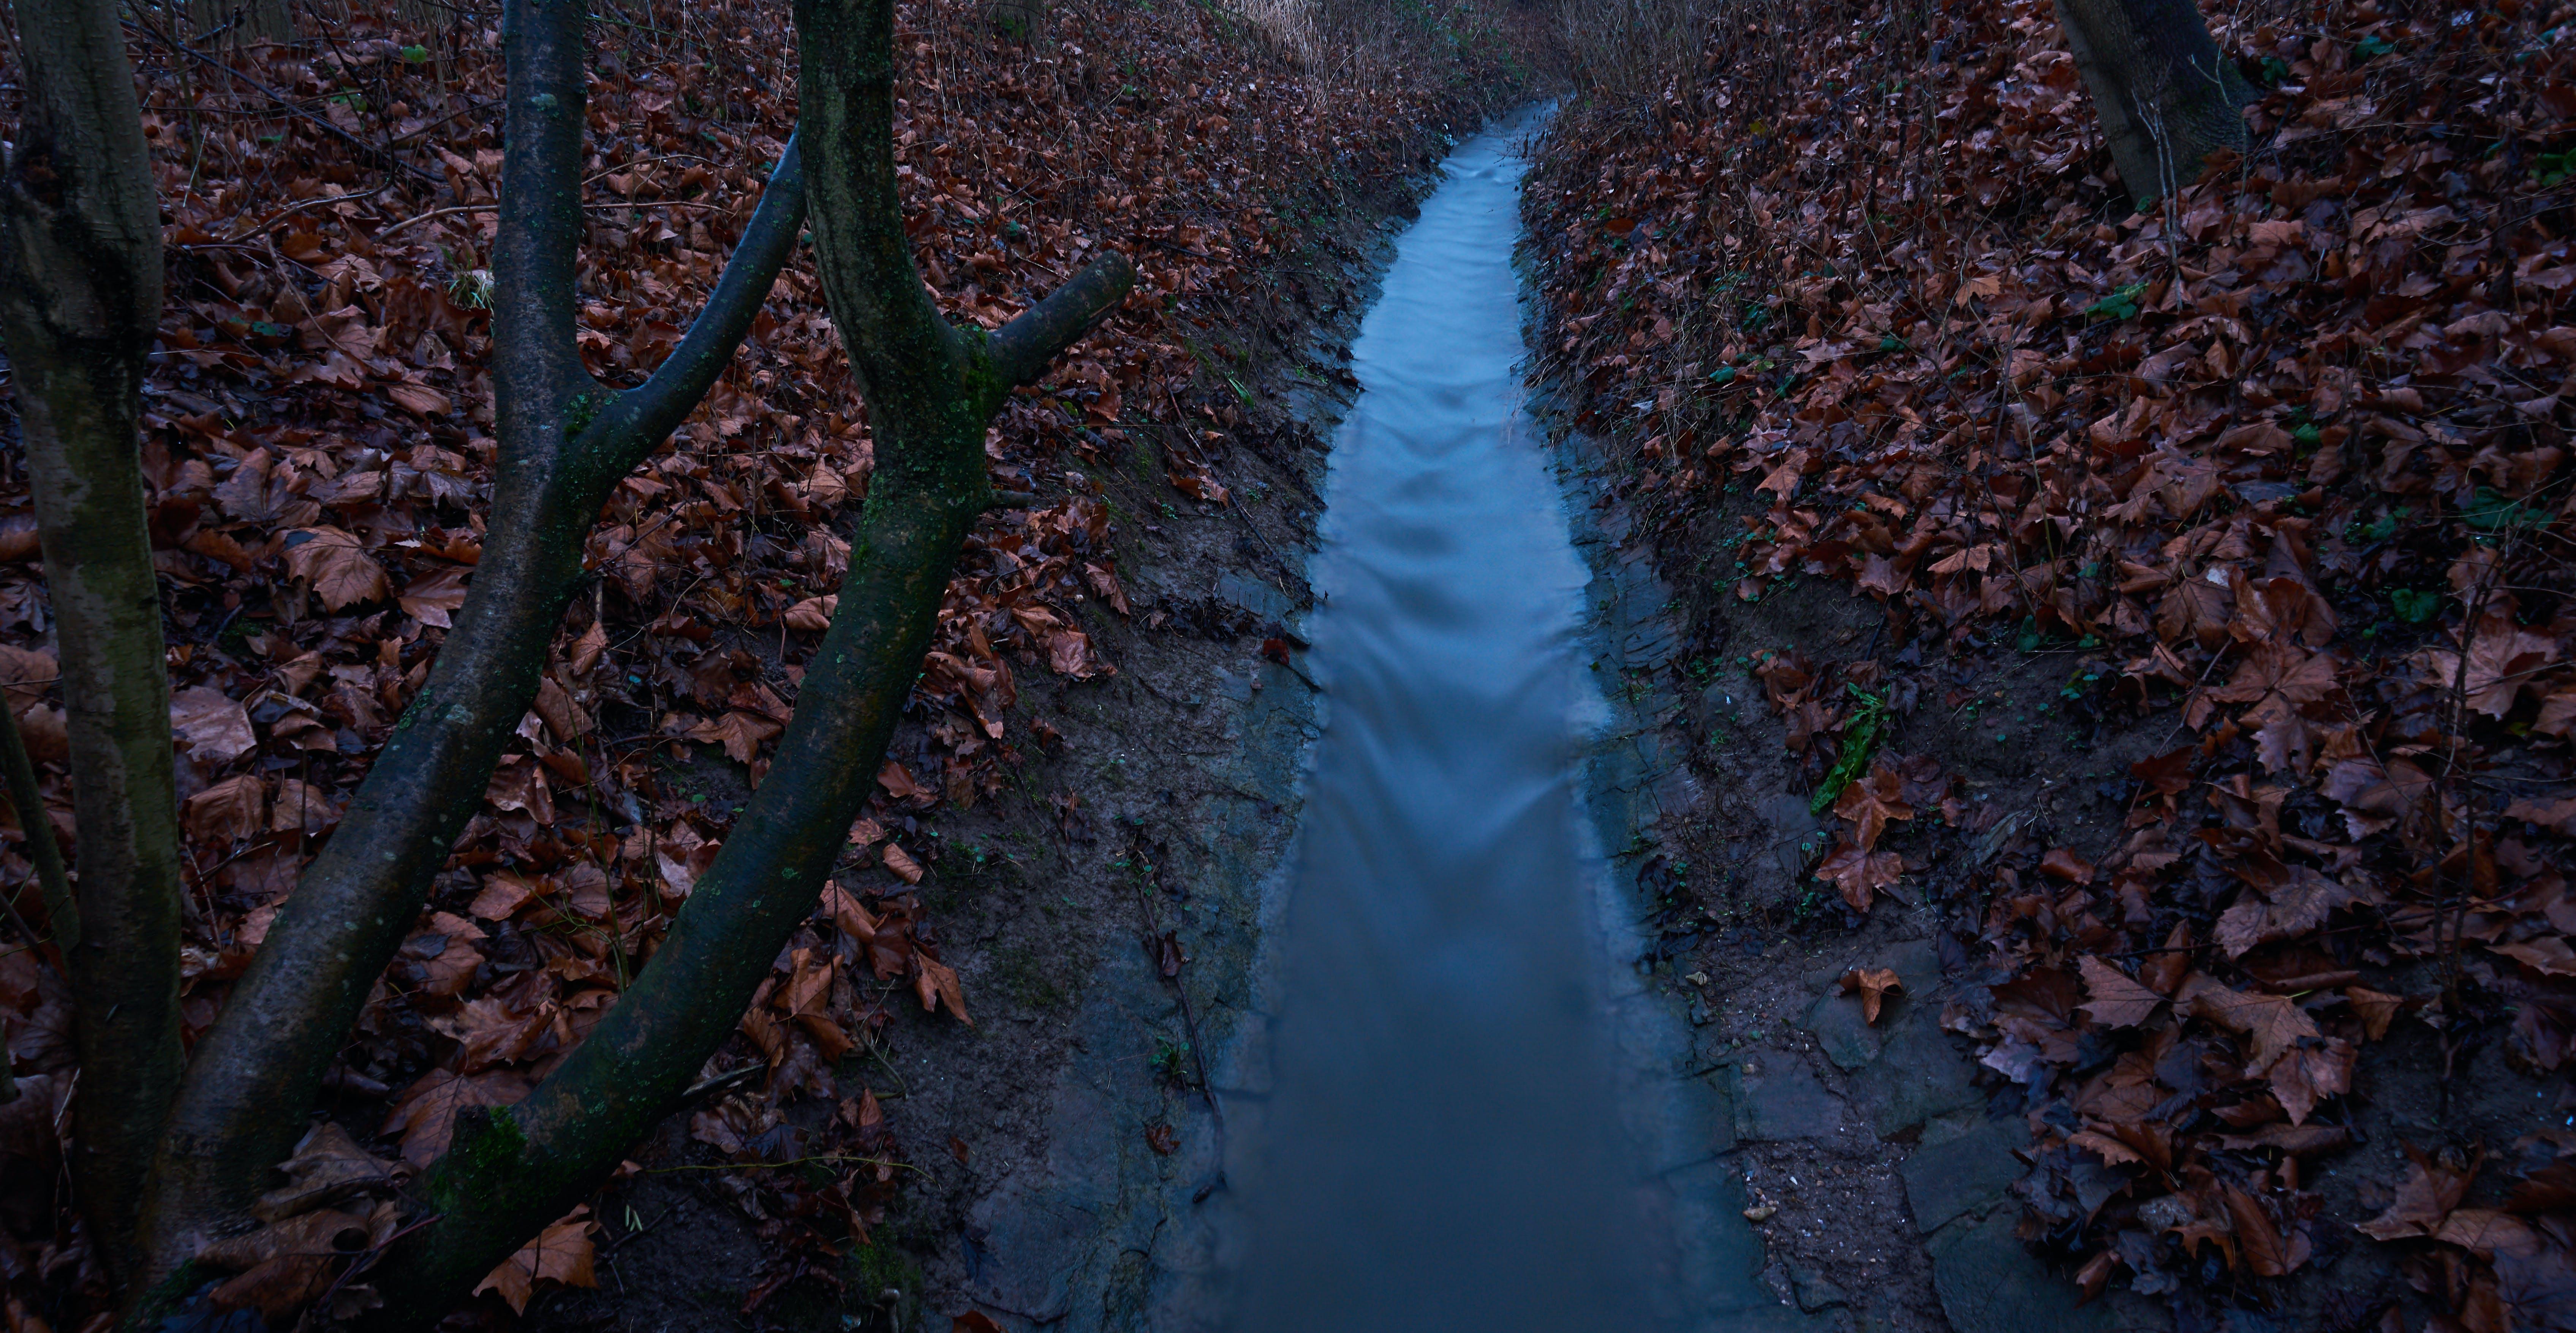 Foto d'estoc gratuïta de arbre, boscós, branca, coberta forestal